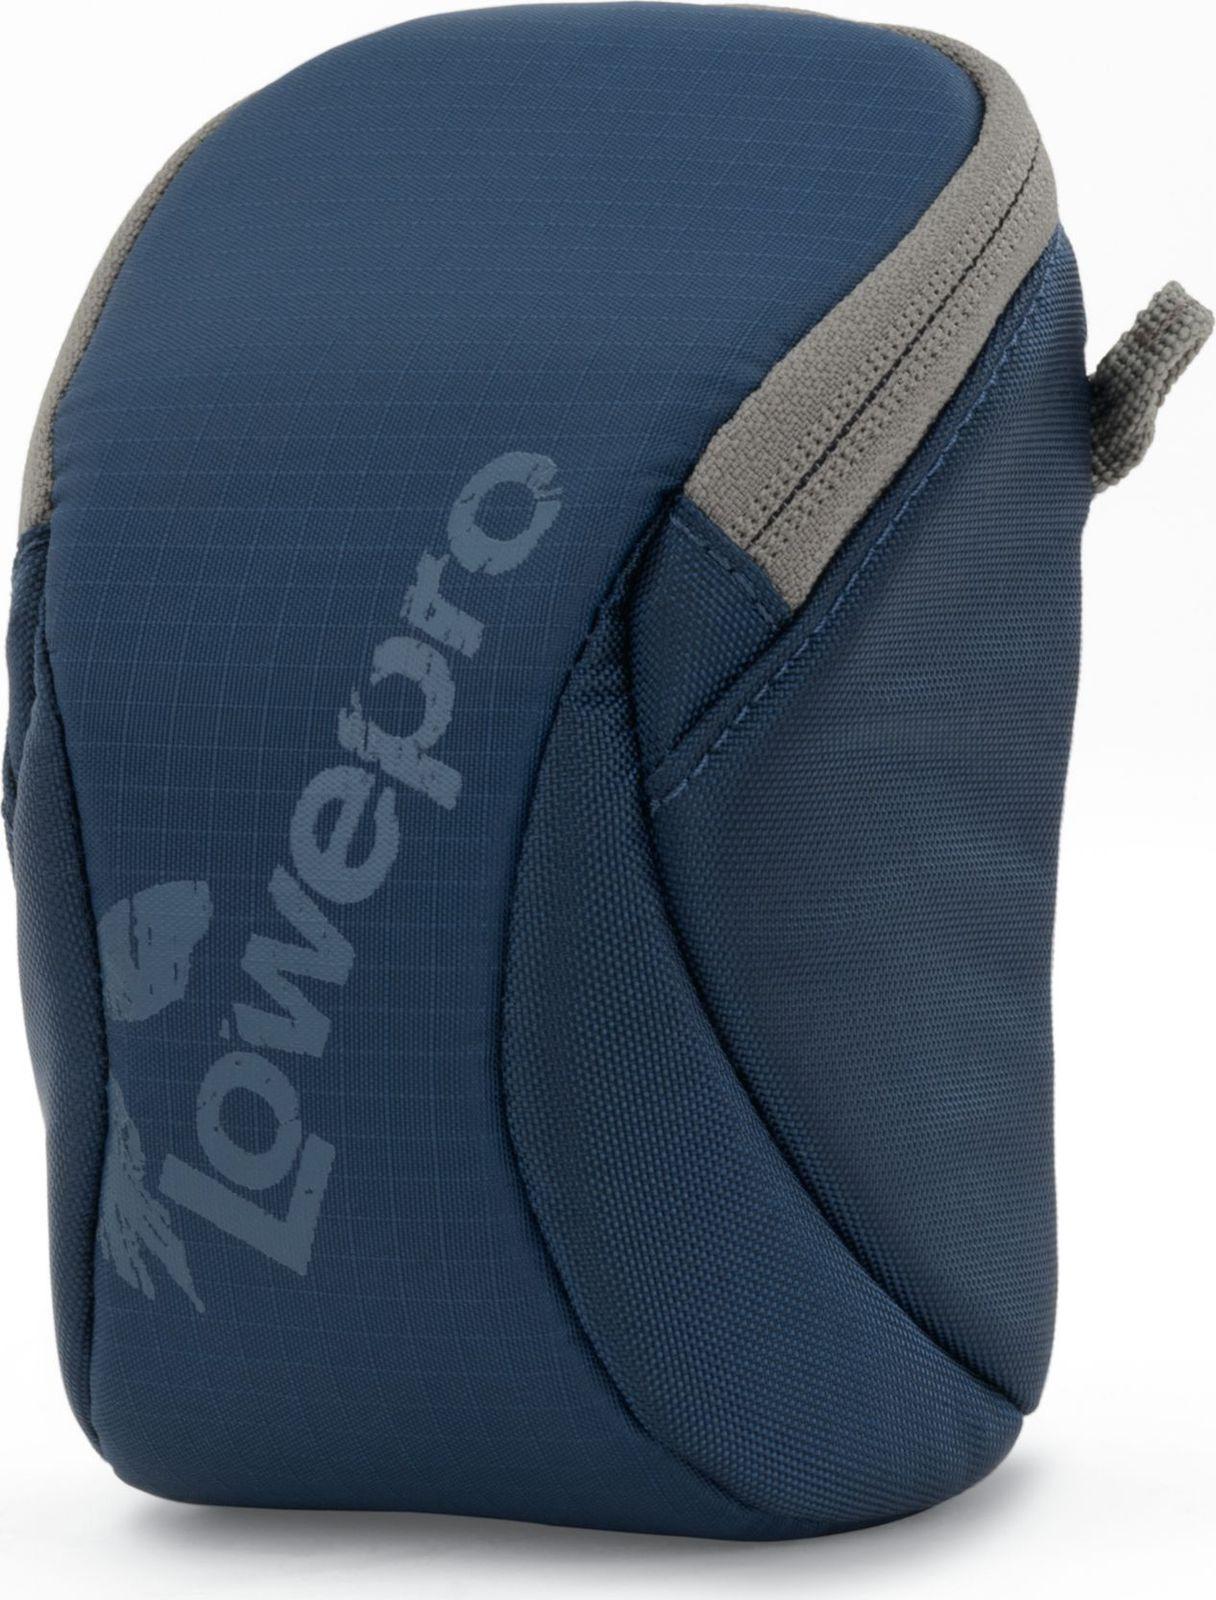 Фотосумка Lowepro Dashpoint 20, LP36440-0WW, синий